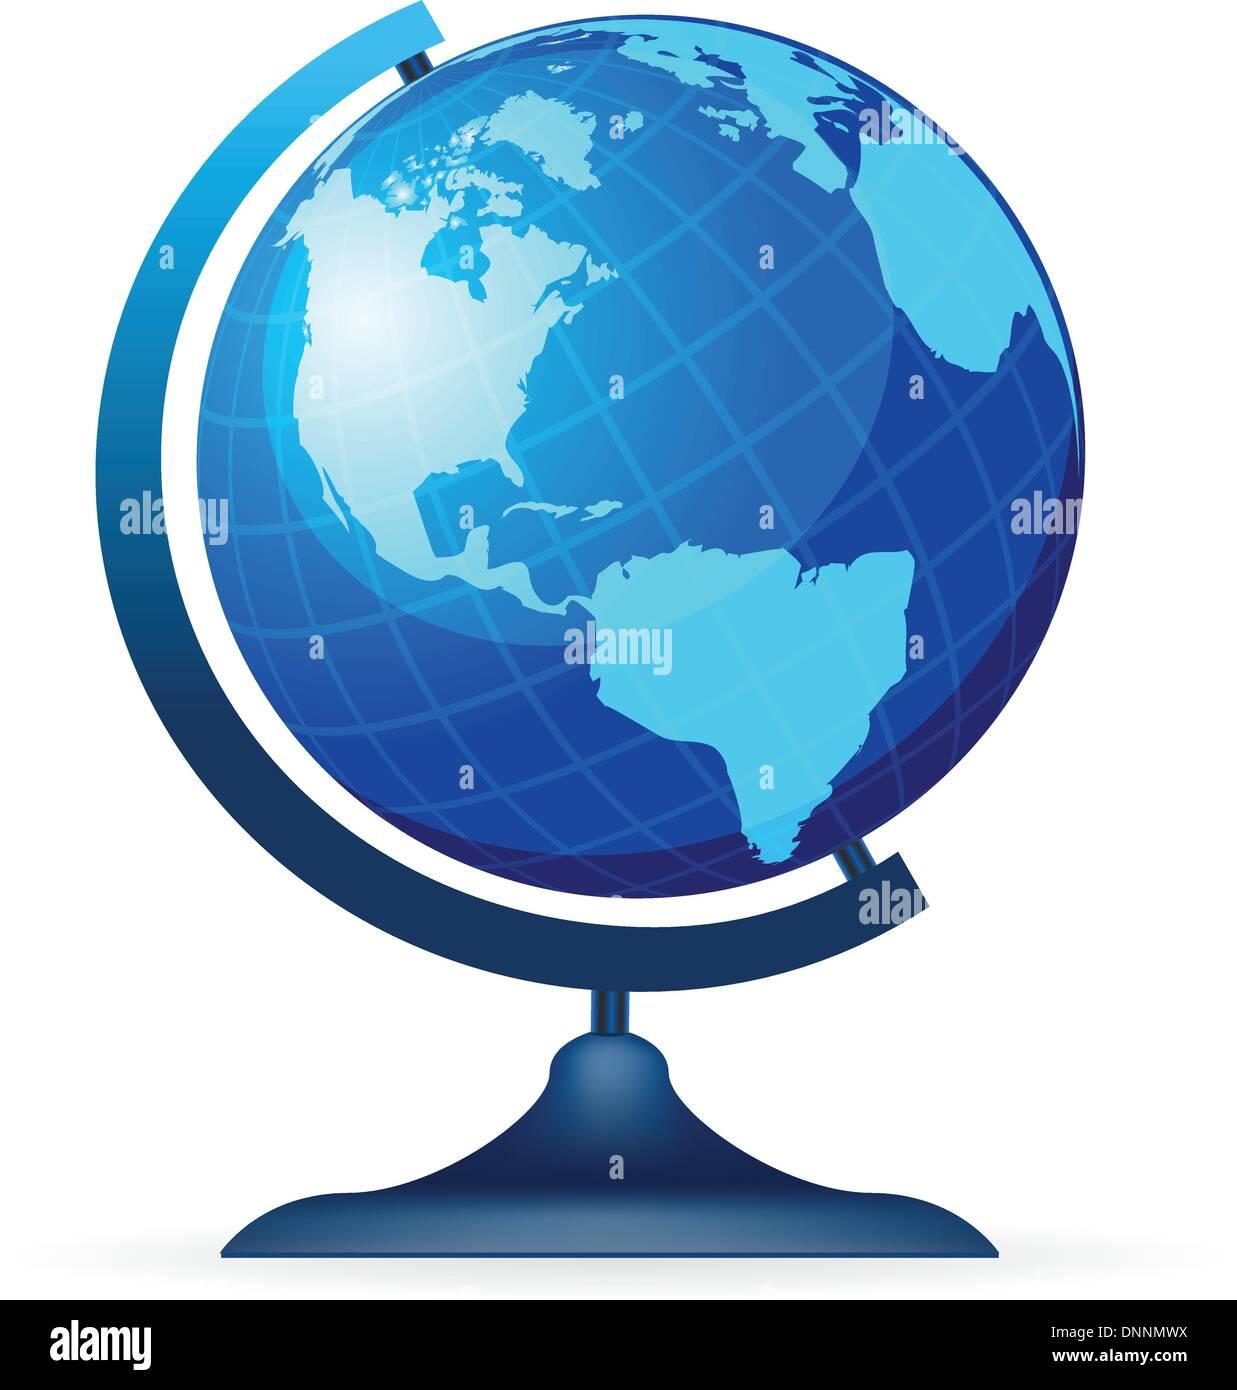 Globo terrestre isolato su uno sfondo bianco Immagini Stock